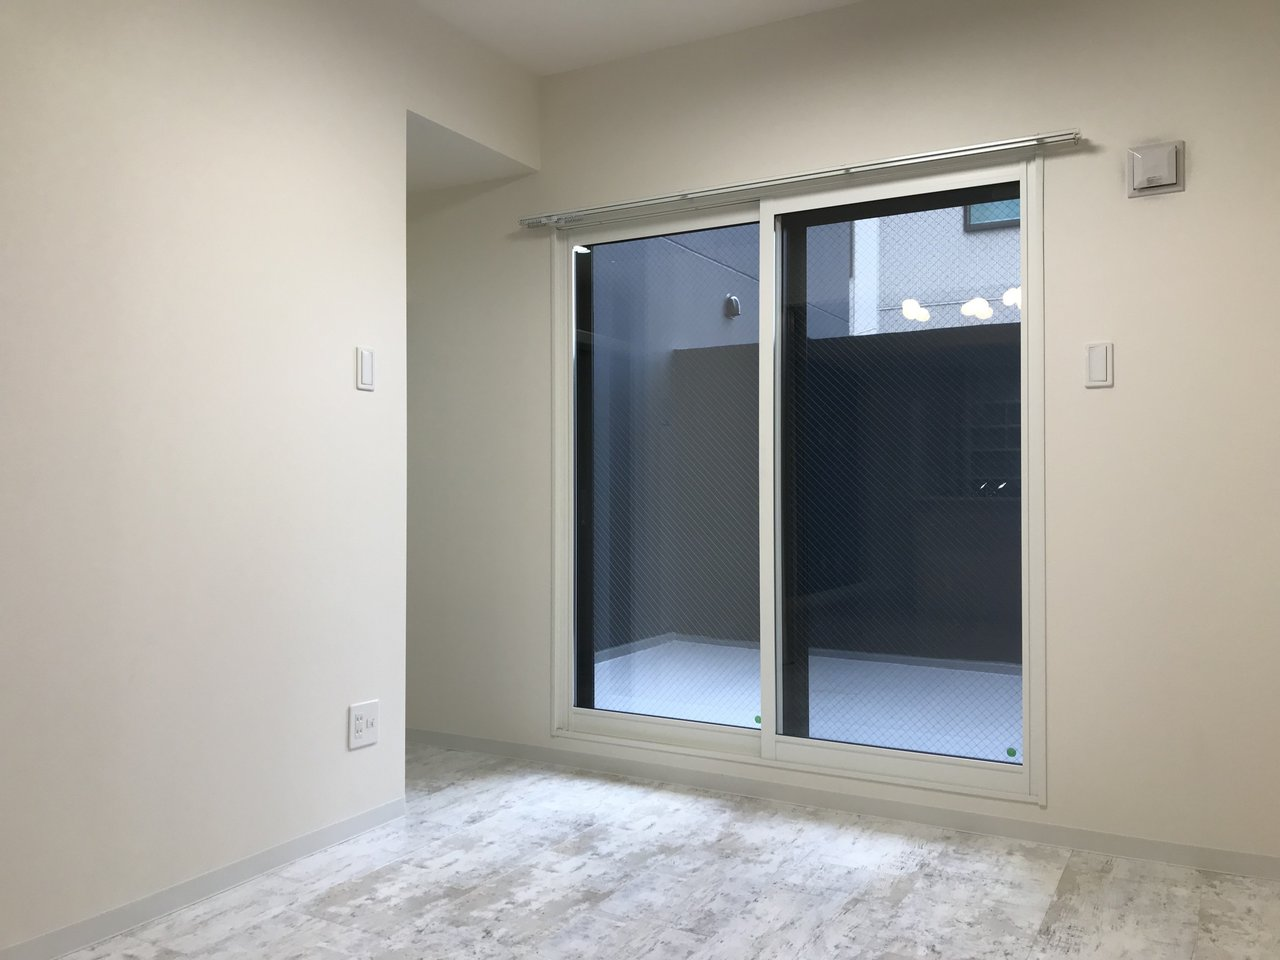 テラスへ出られるこの部屋は、寝室にしましょうか。シンプルな造りですが、大容量でしかも棚付きのウォークインクローゼットがあるので、荷物を表に出さずに暮らせますよ。